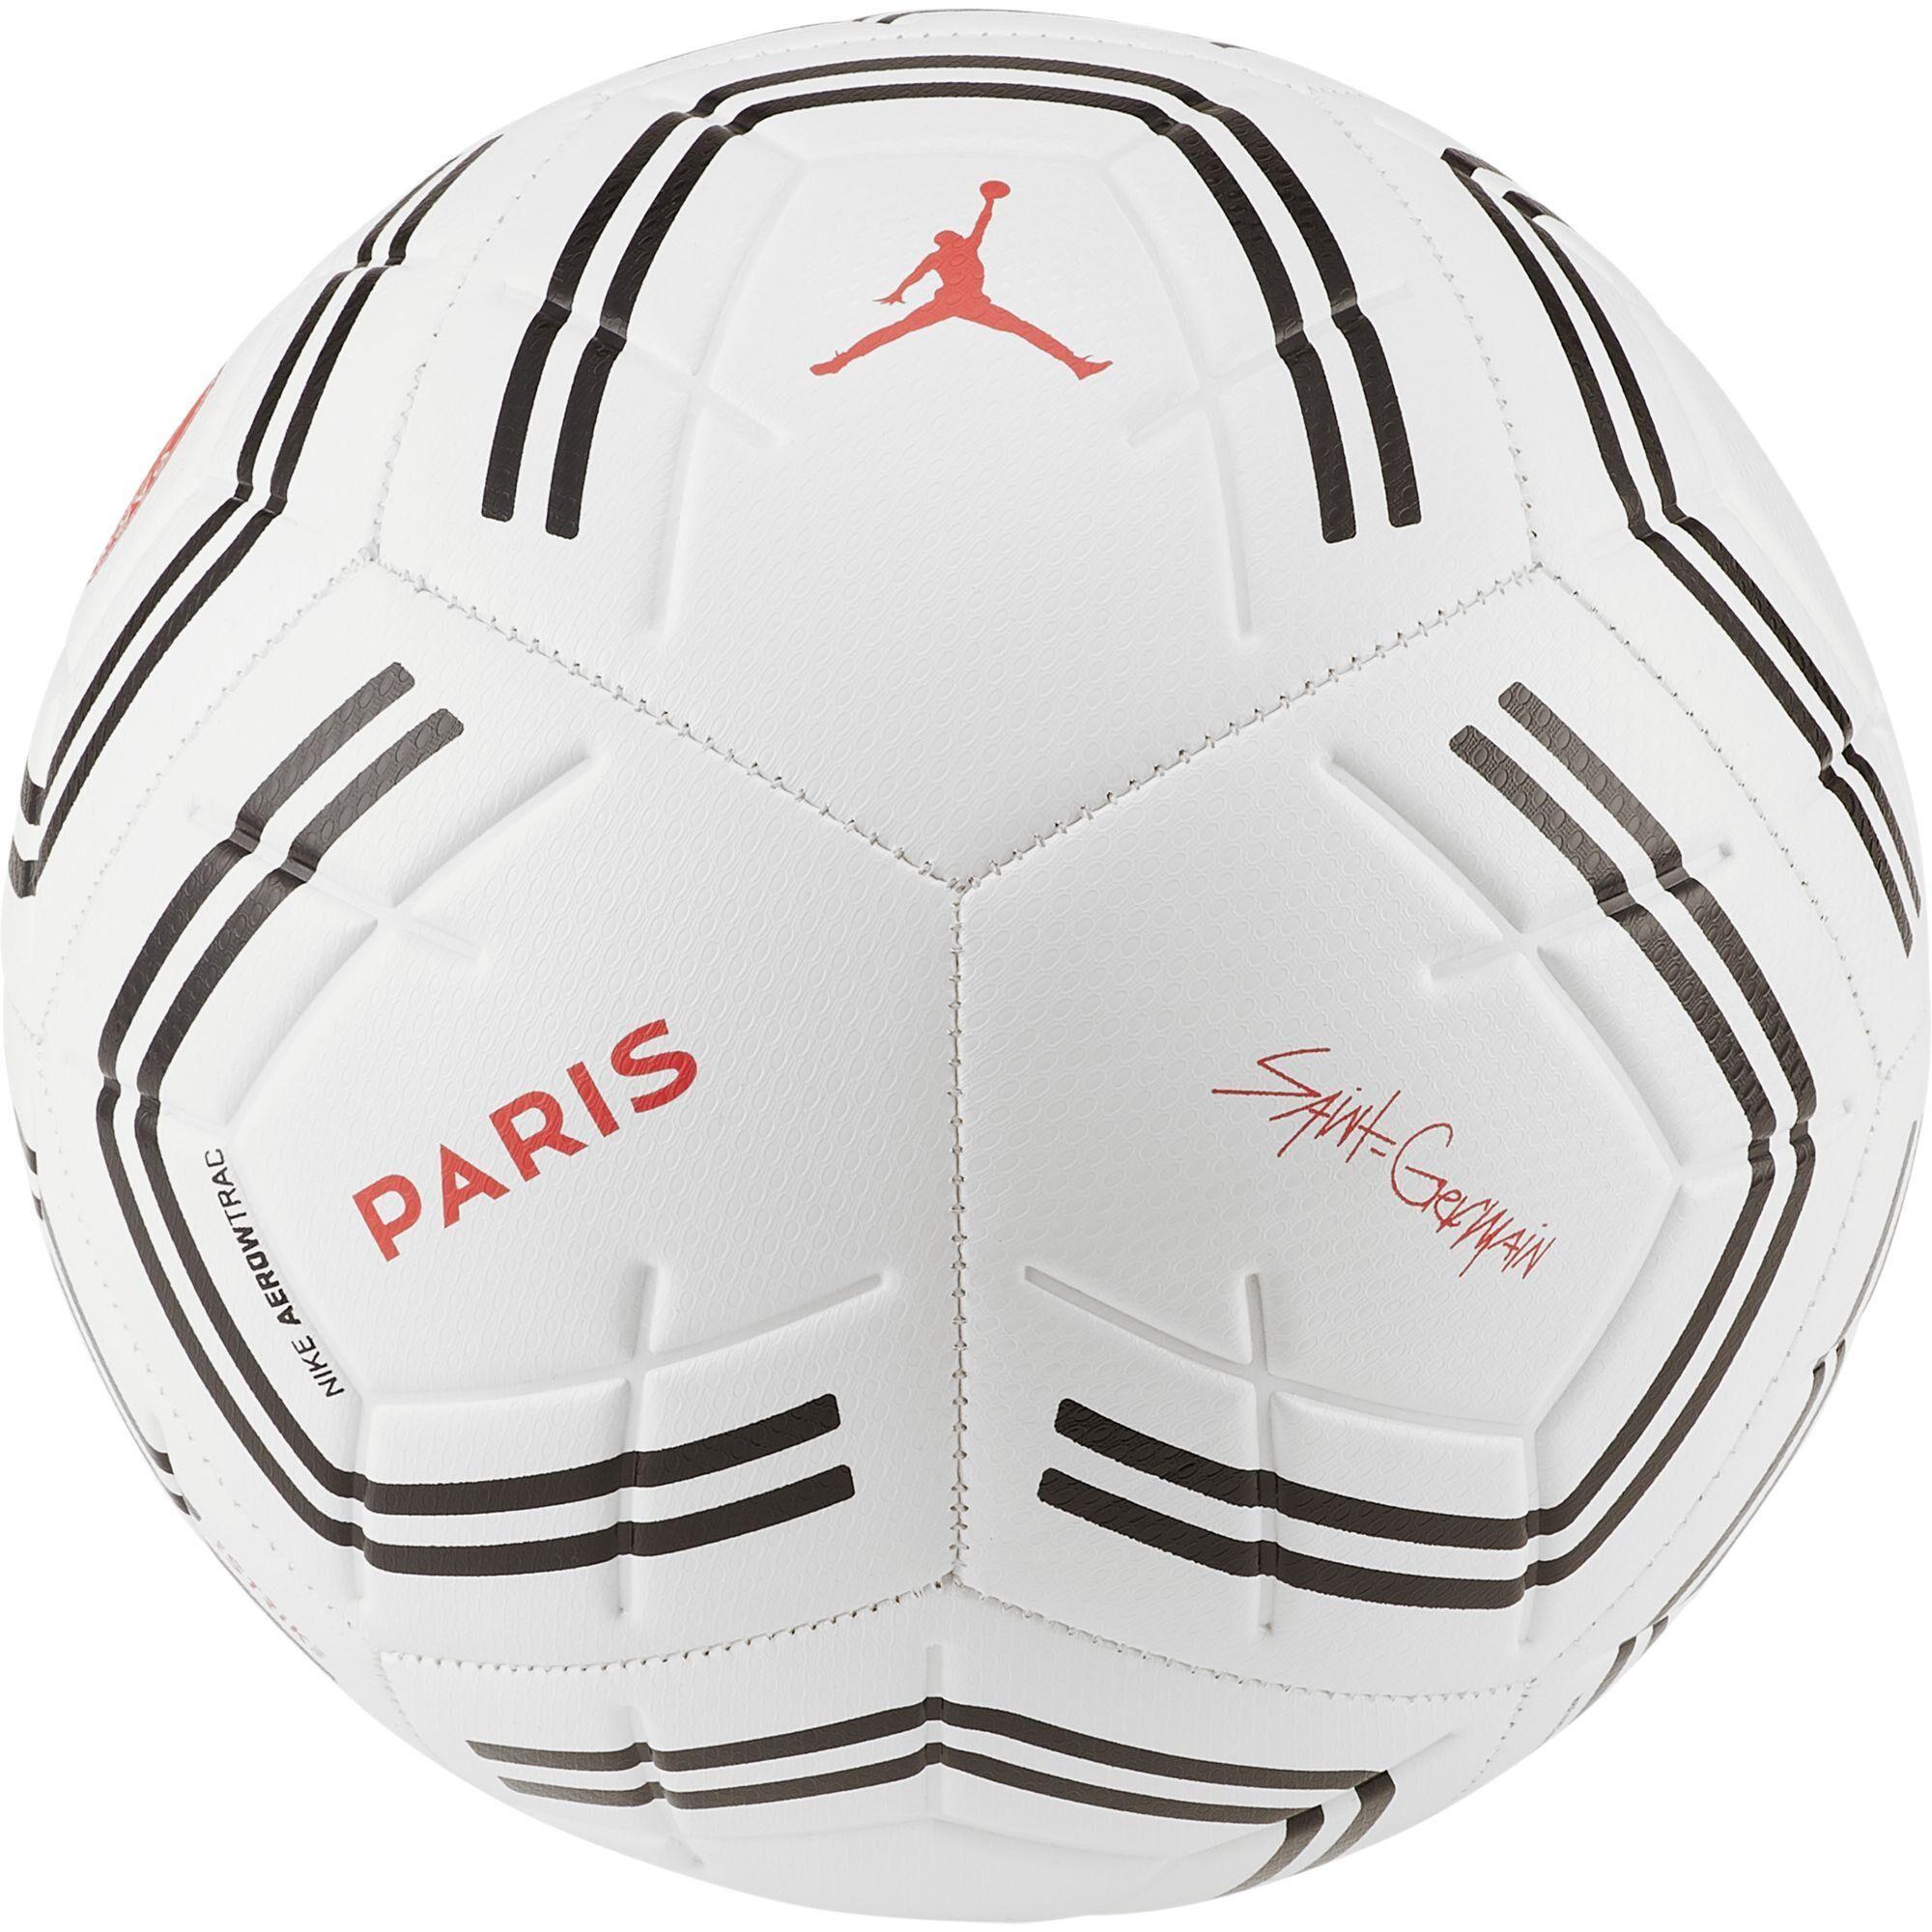 Nike Strike Nike Paris Saint Germain   19/20